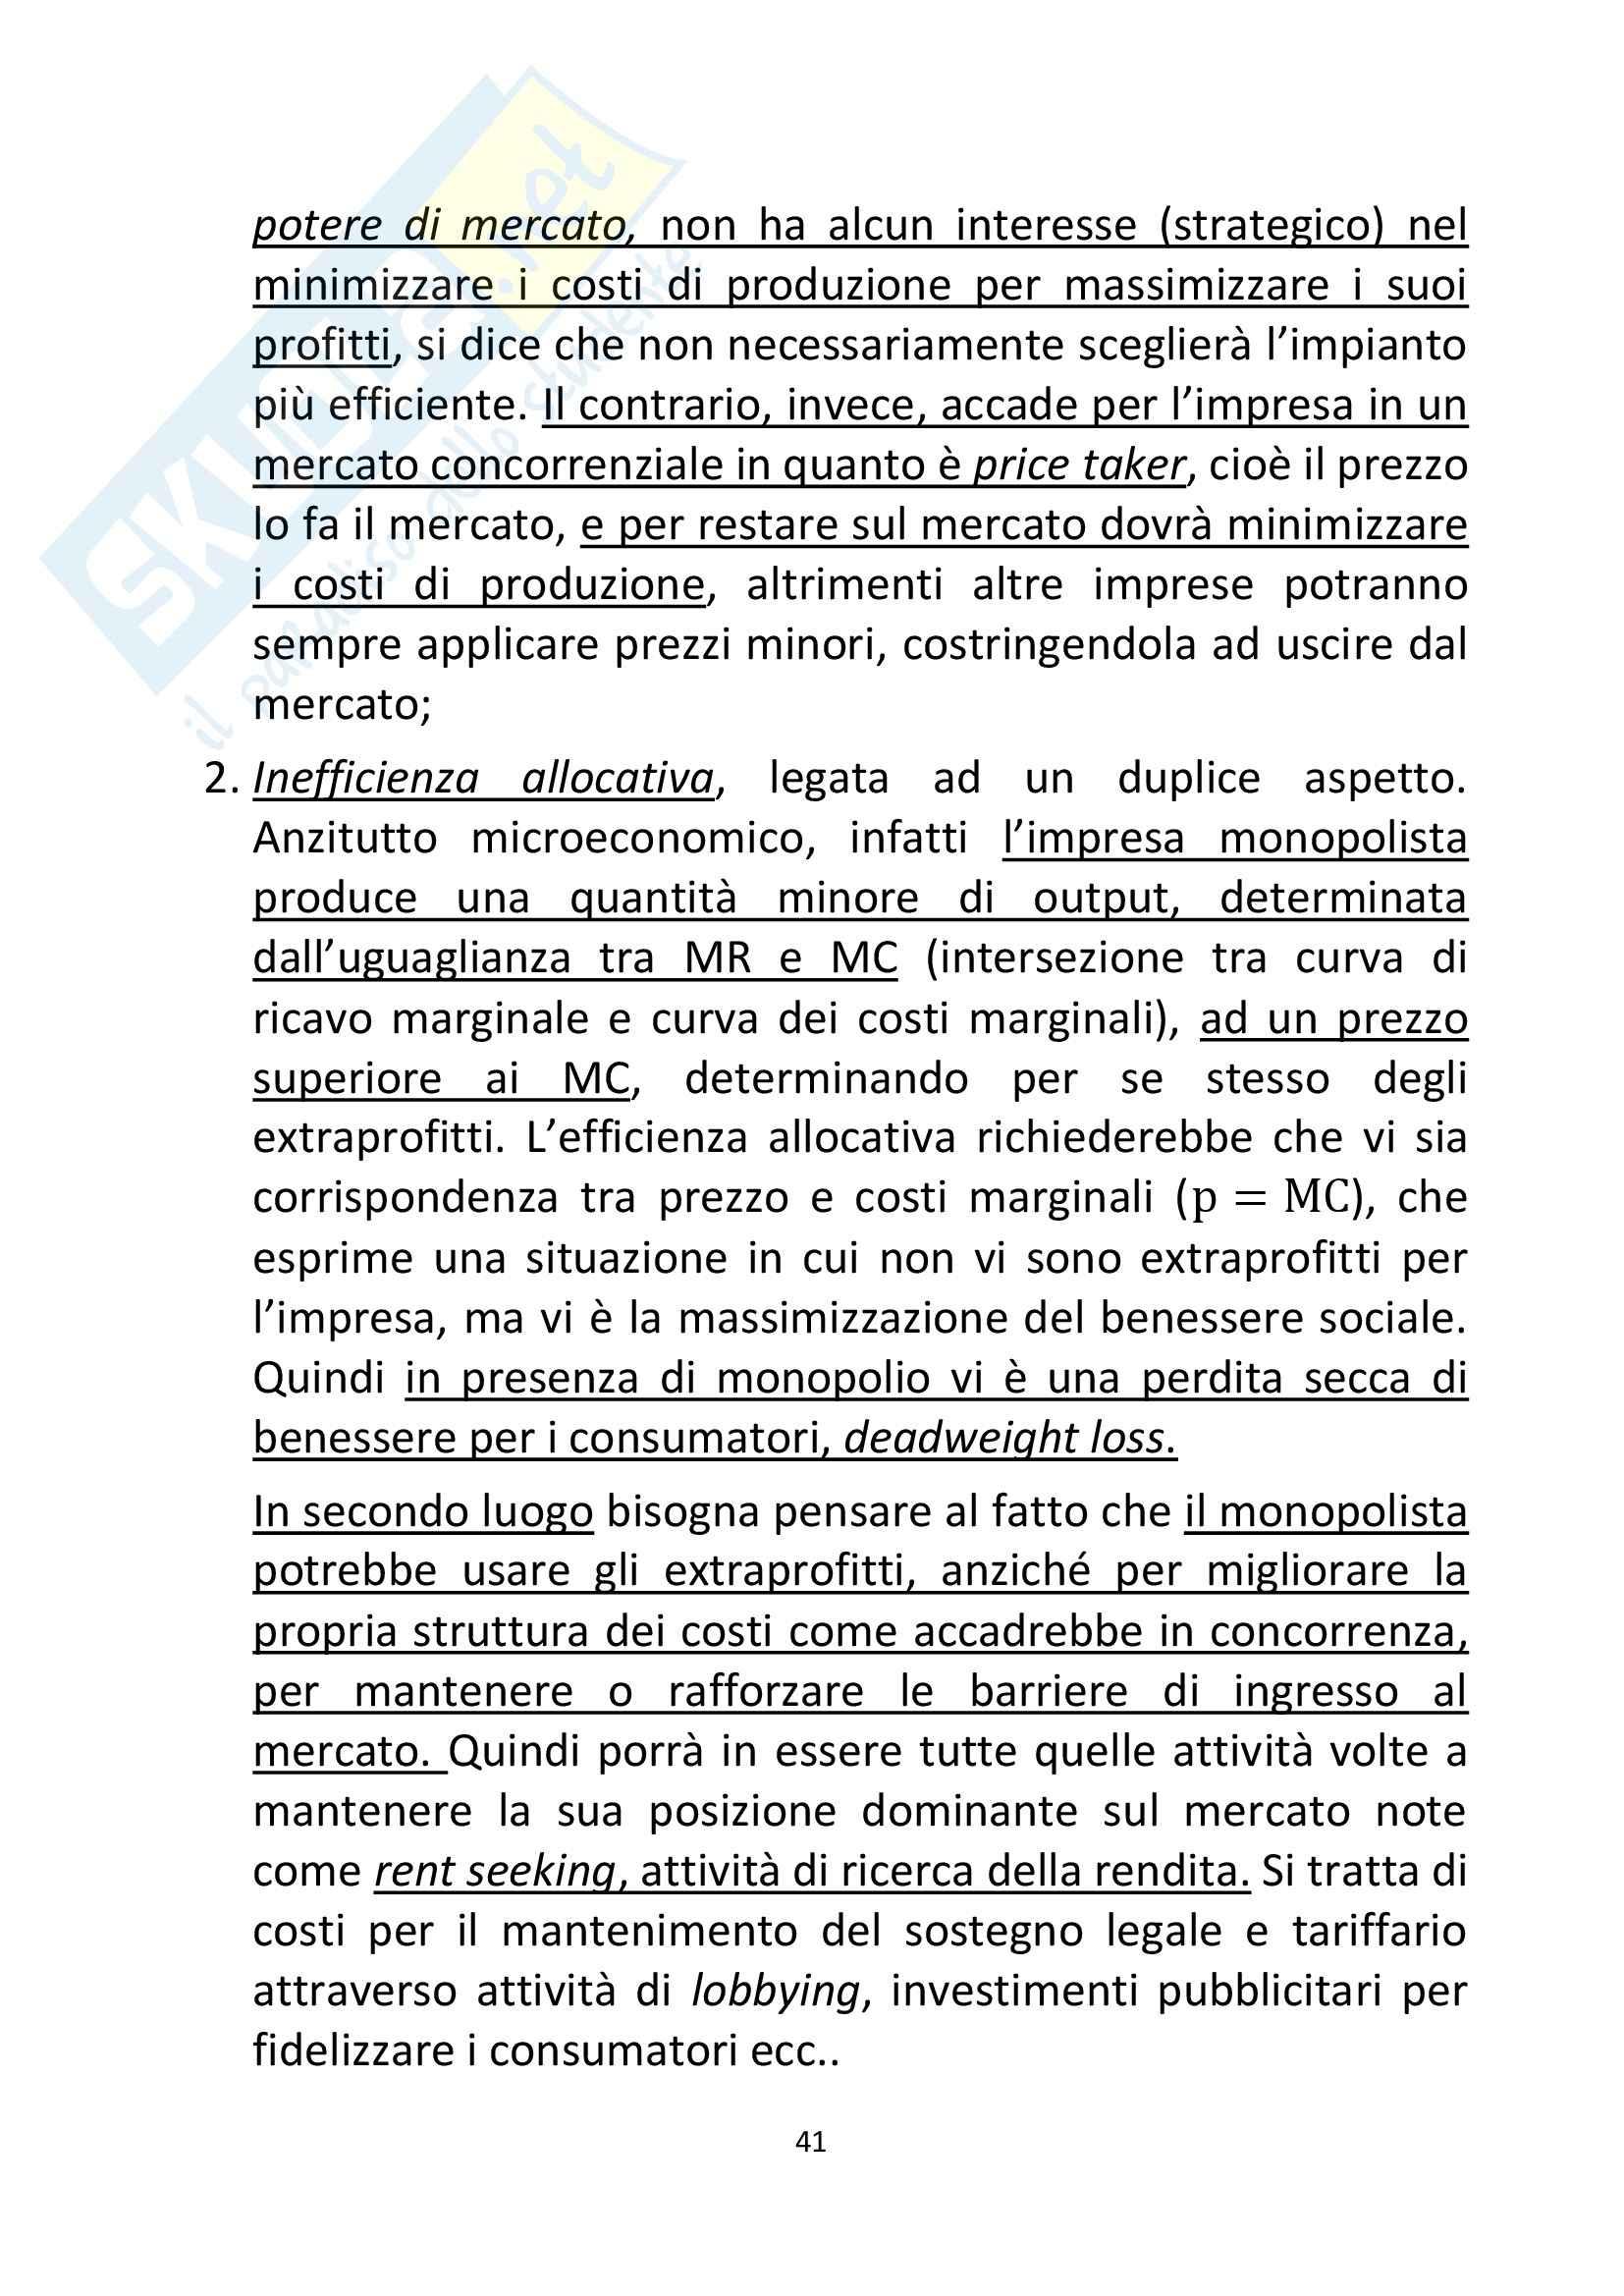 Riassunto esame Economia, prof. Ferrari, libro consigliato Regolazione dei servizi infrastrutturali, teoria e pratica,Marzi, Prosperetti, Putzu Pag. 41